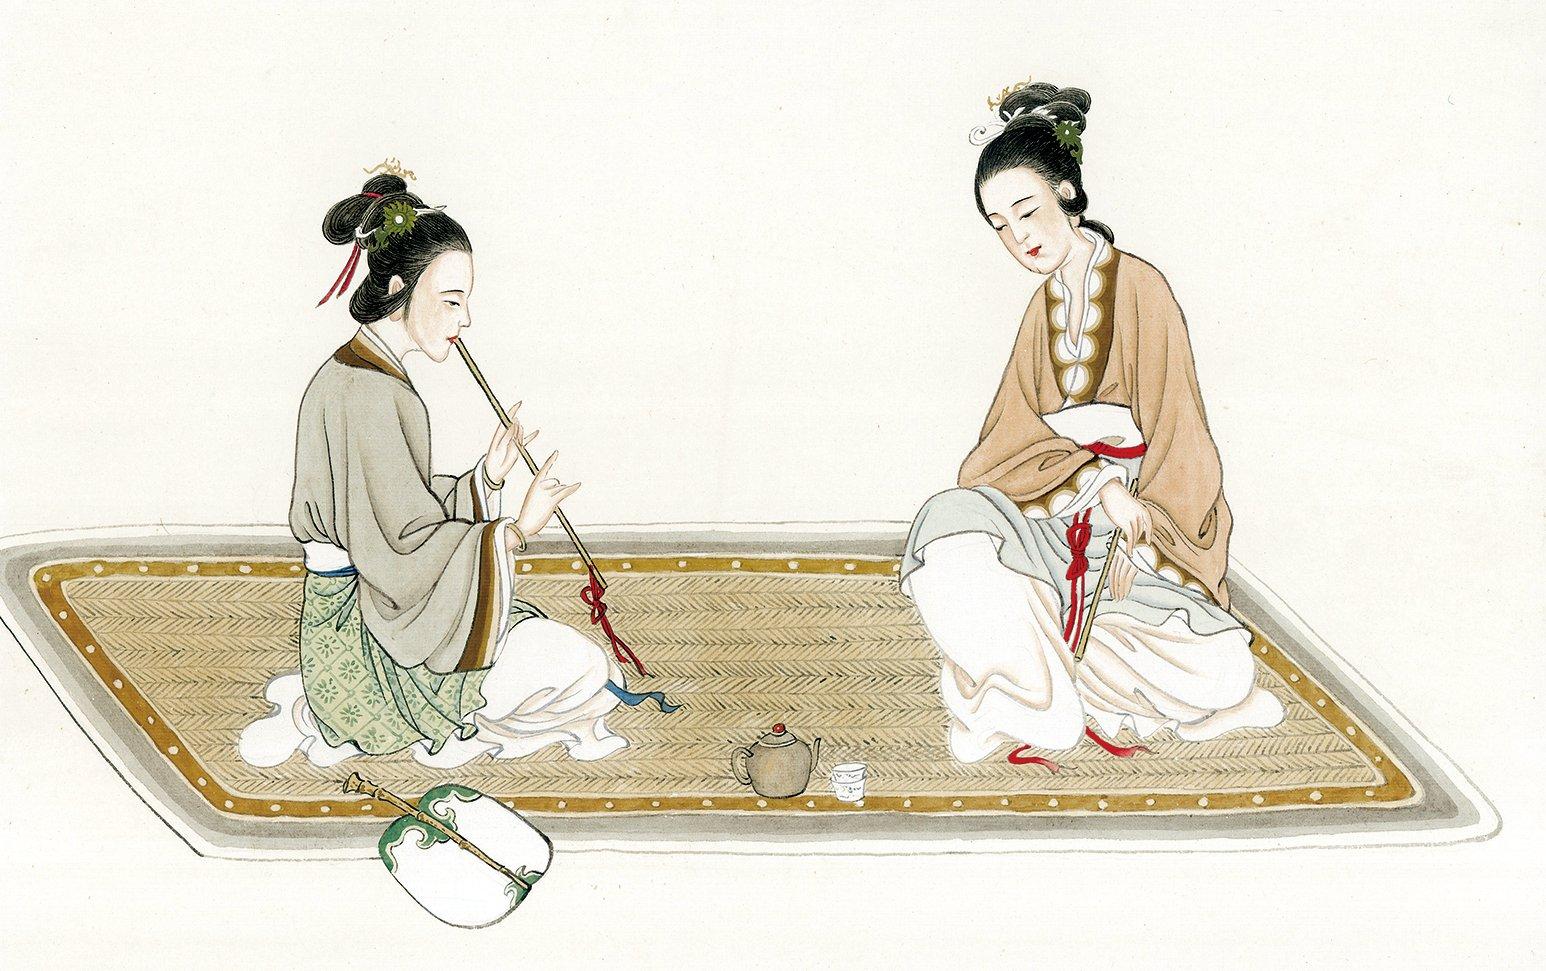 簫是古代禮樂中最重要的樂器之一,也是道家音樂的神器。(大紀元資料庫)